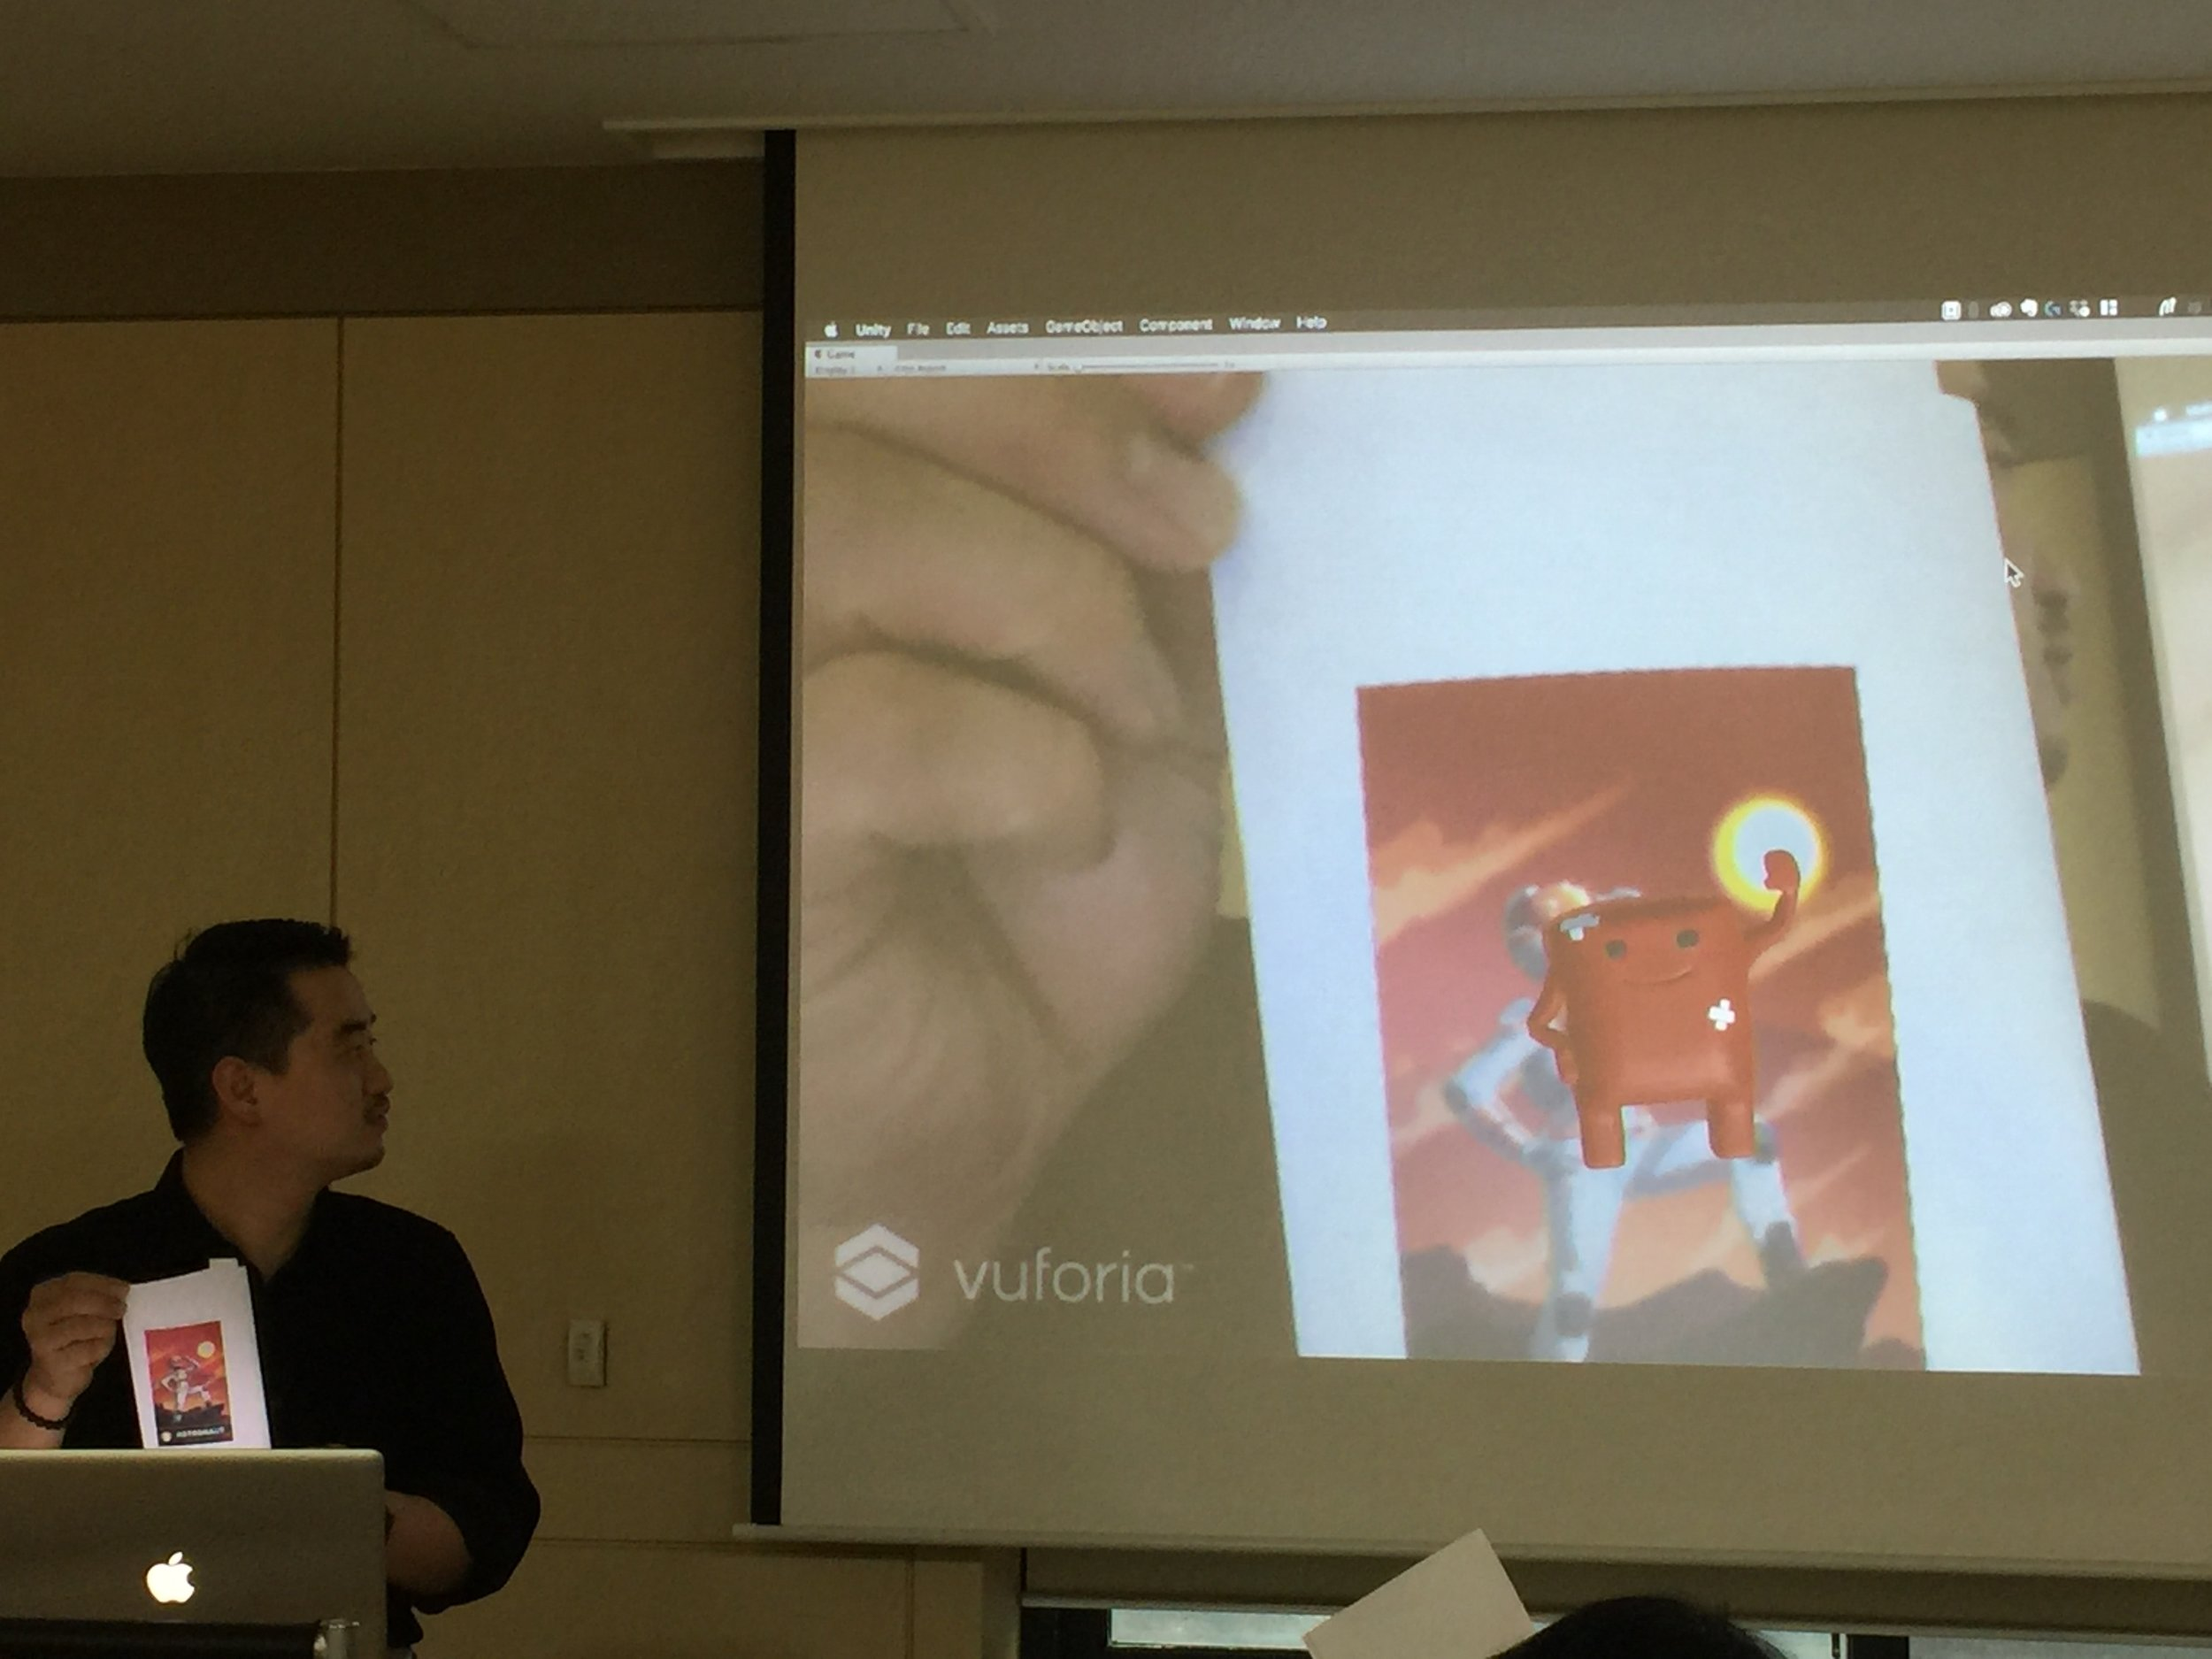 [사진] 수업 시간에 제작한 캐릭터를 유니티+뷰포리아를 활용하여 이미지 타겟으로 증강현실을 구현한 모습 (노트북 웹 캠 + 이미지 타겟)